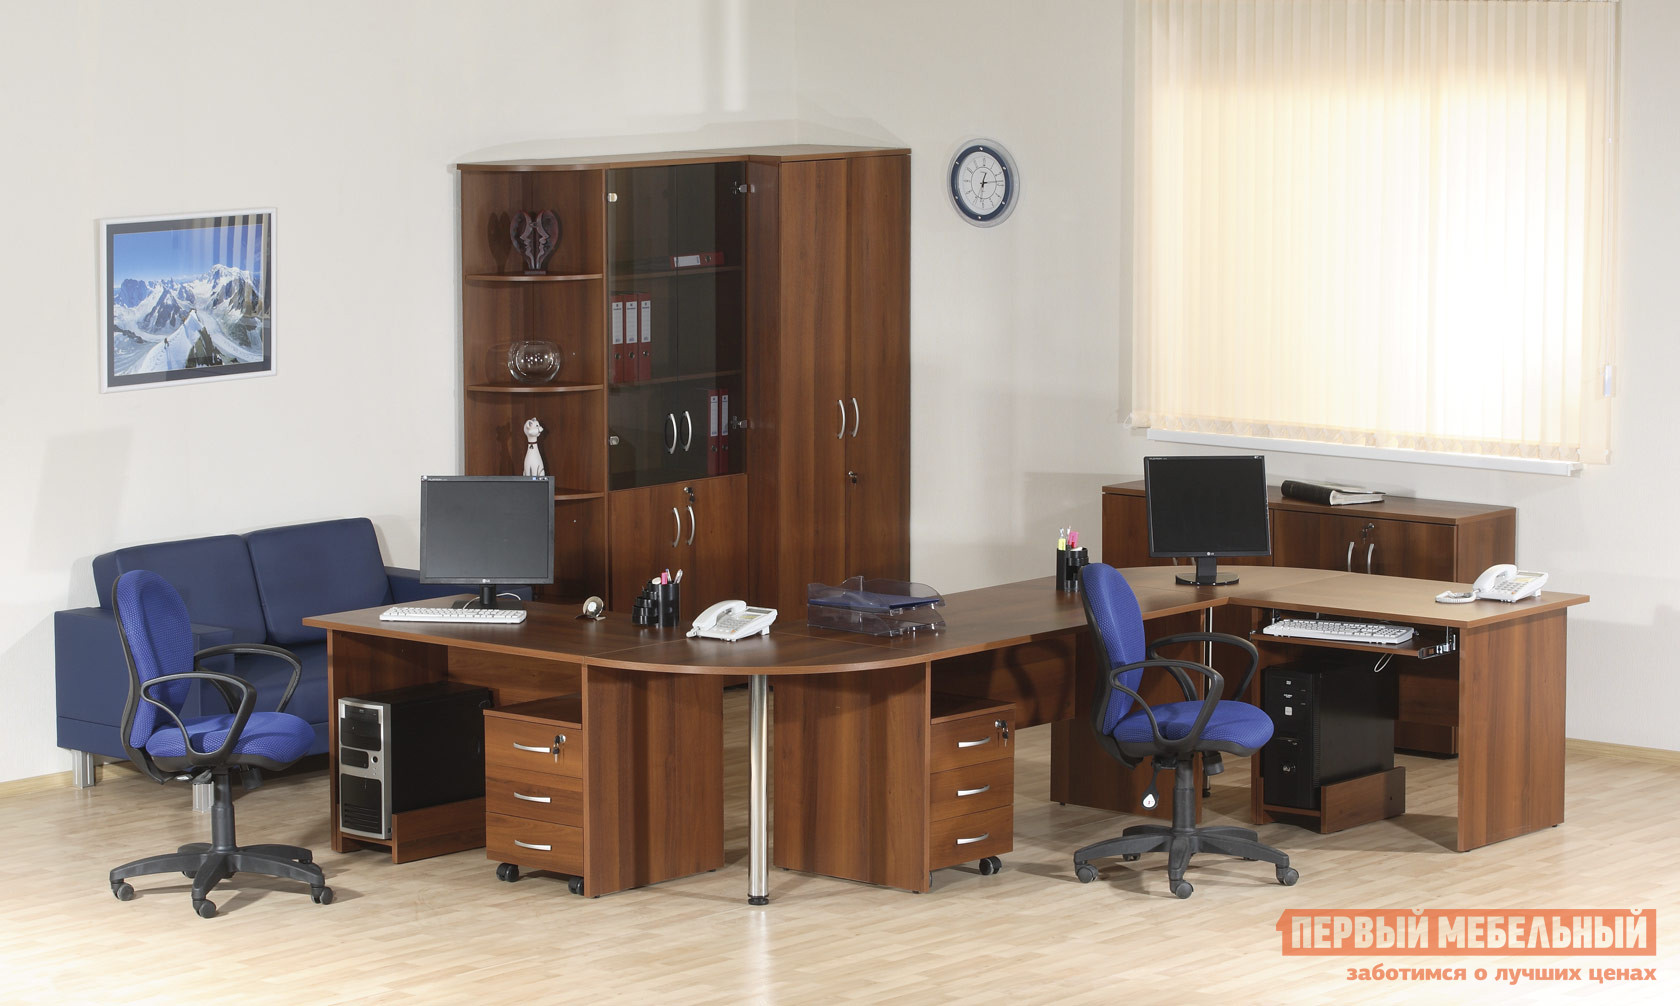 Комплект офисной мебели Витра Альфа К1 комплект детской мебели трия навигатор к1